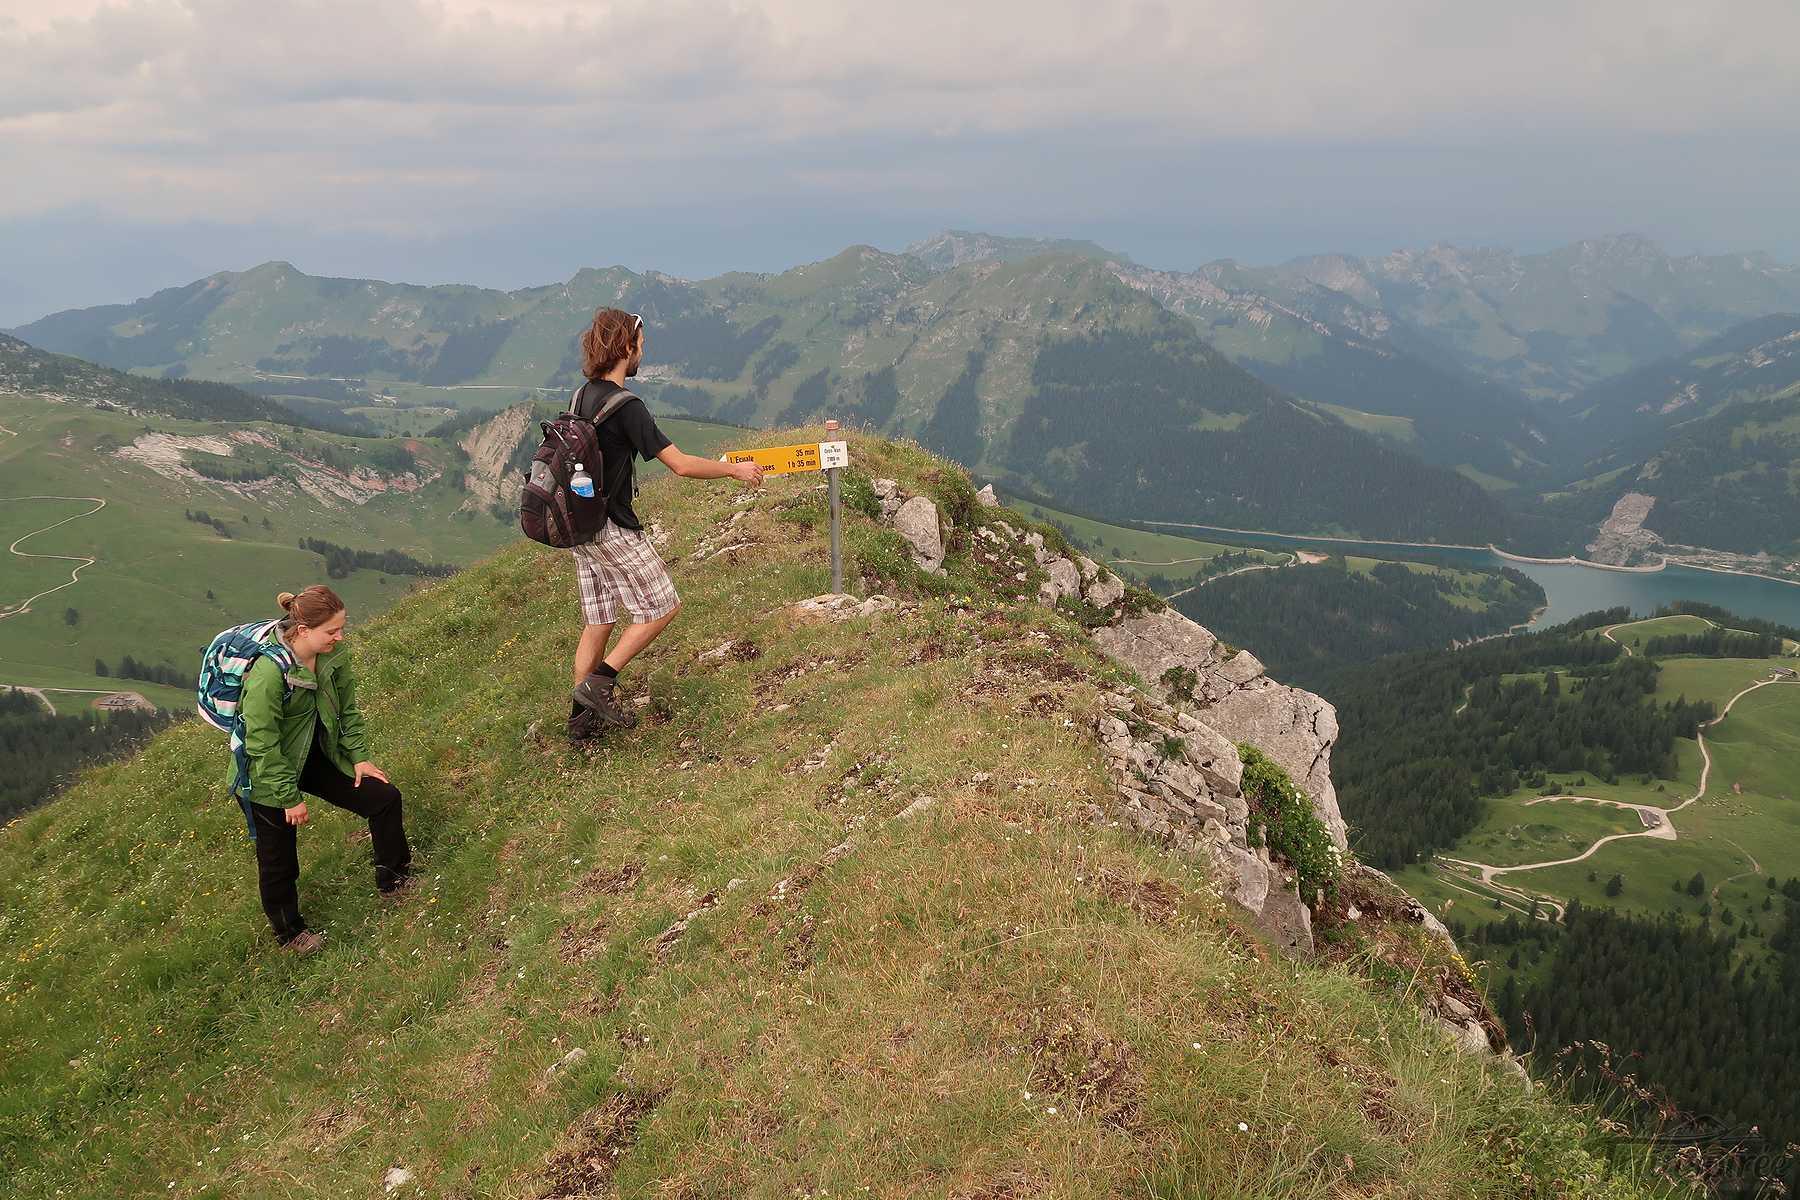 Randonnée au Gros Van du Mont d'Or depuis le Col des Mosses